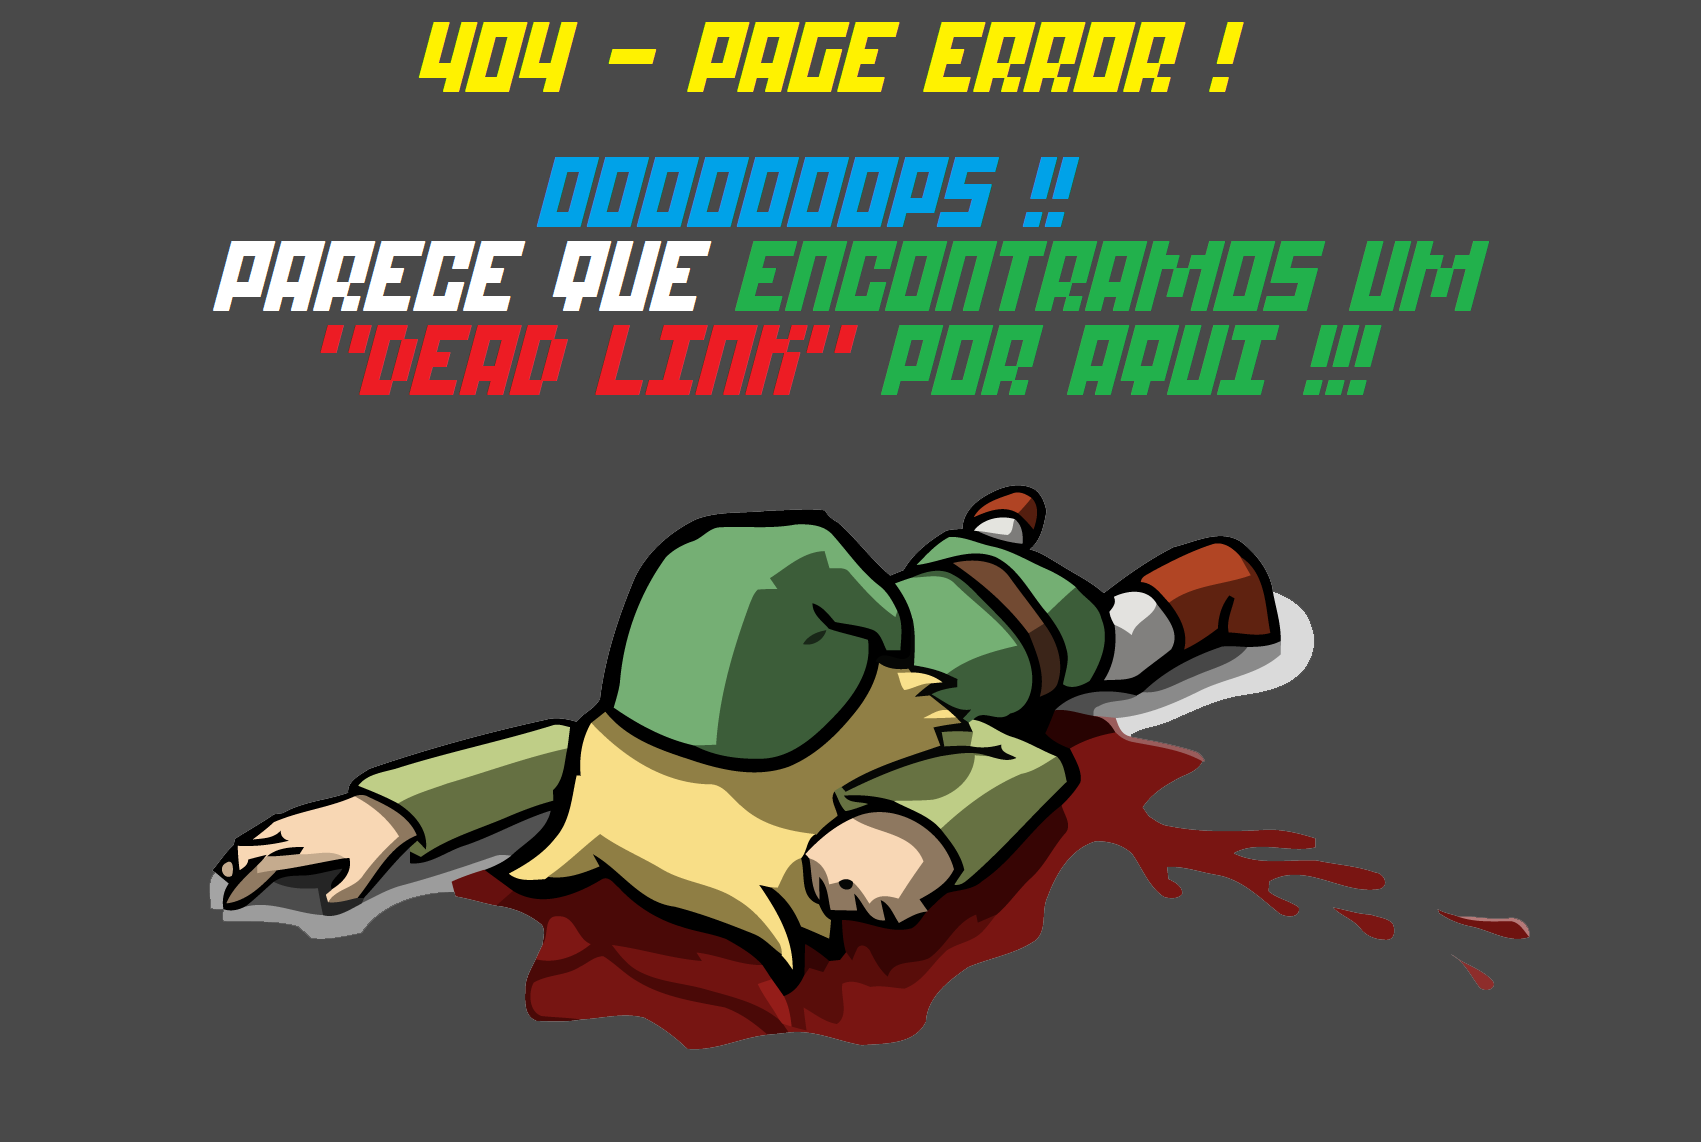 DEAD LINK